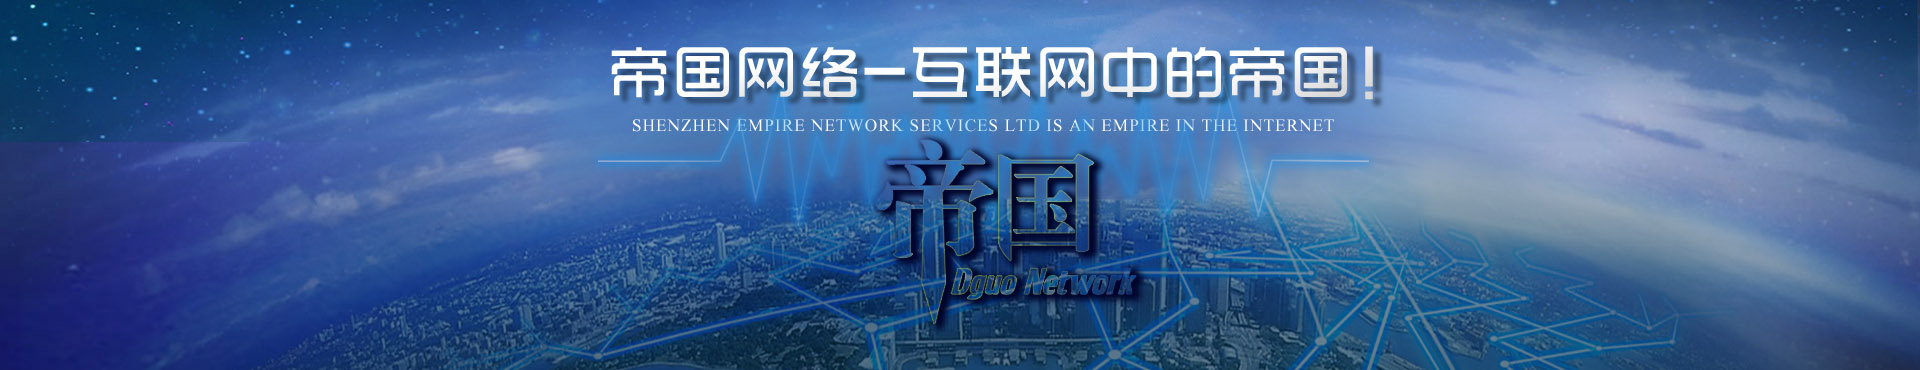 广州SEO是专注SEO优化的学习和探索,为喜欢爱好SEO的人提供一个学习交流的平台